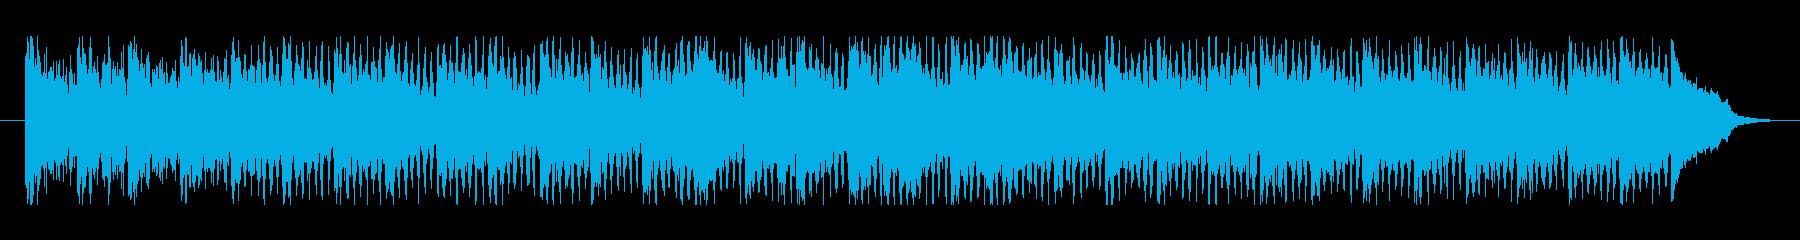 爽やかで元気が出るテクノポップの再生済みの波形